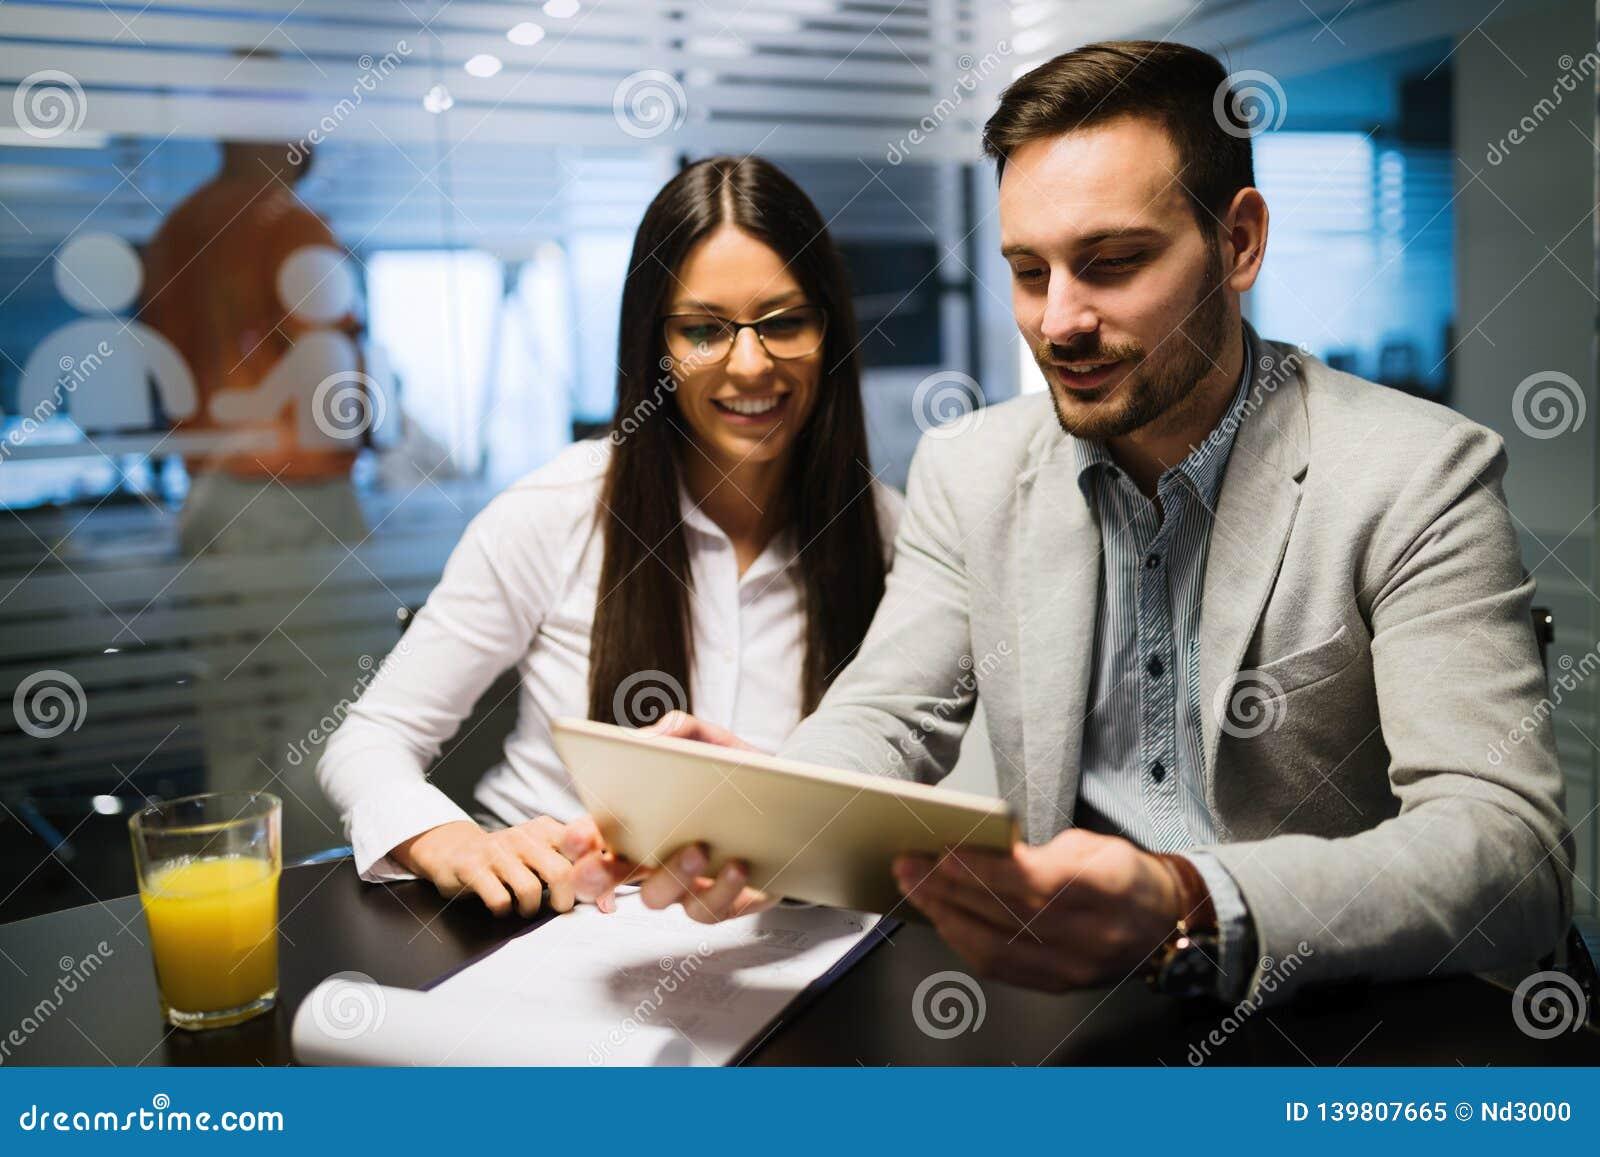 Obrazek ludzie biznesu dyskutuje w biurze